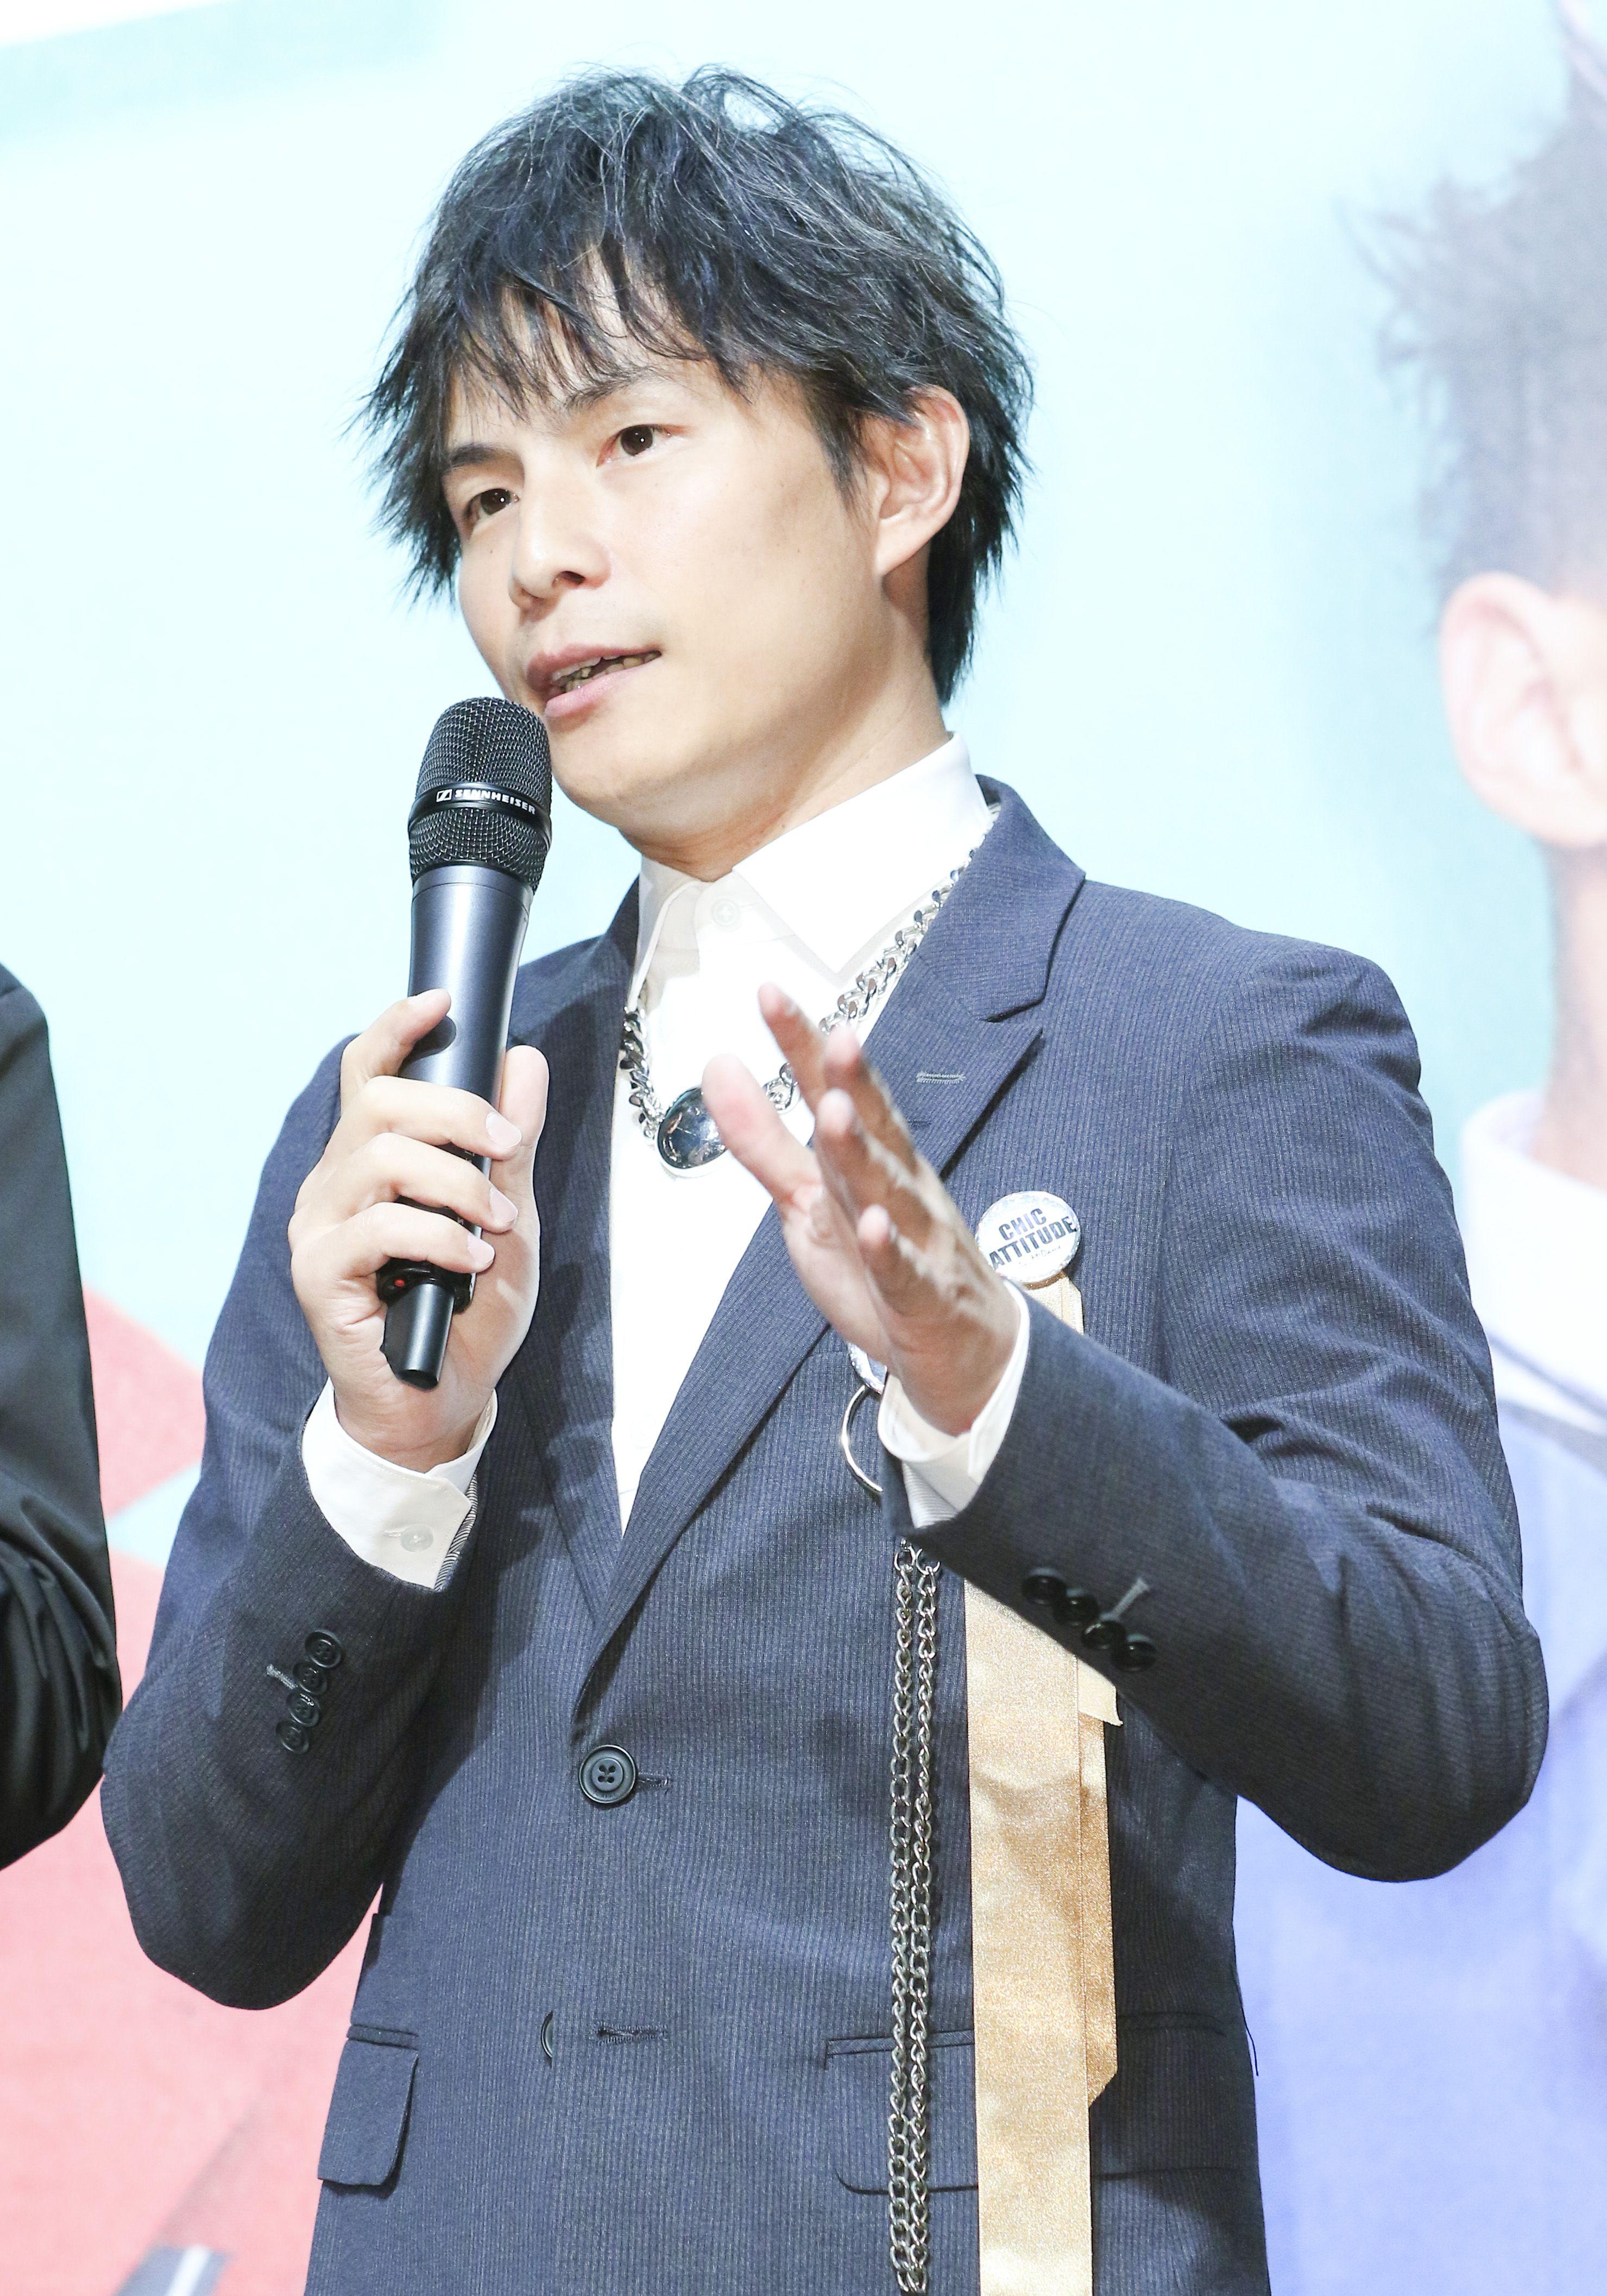 經典男團「5566」成員孫協志。(記者林士傑/攝影)